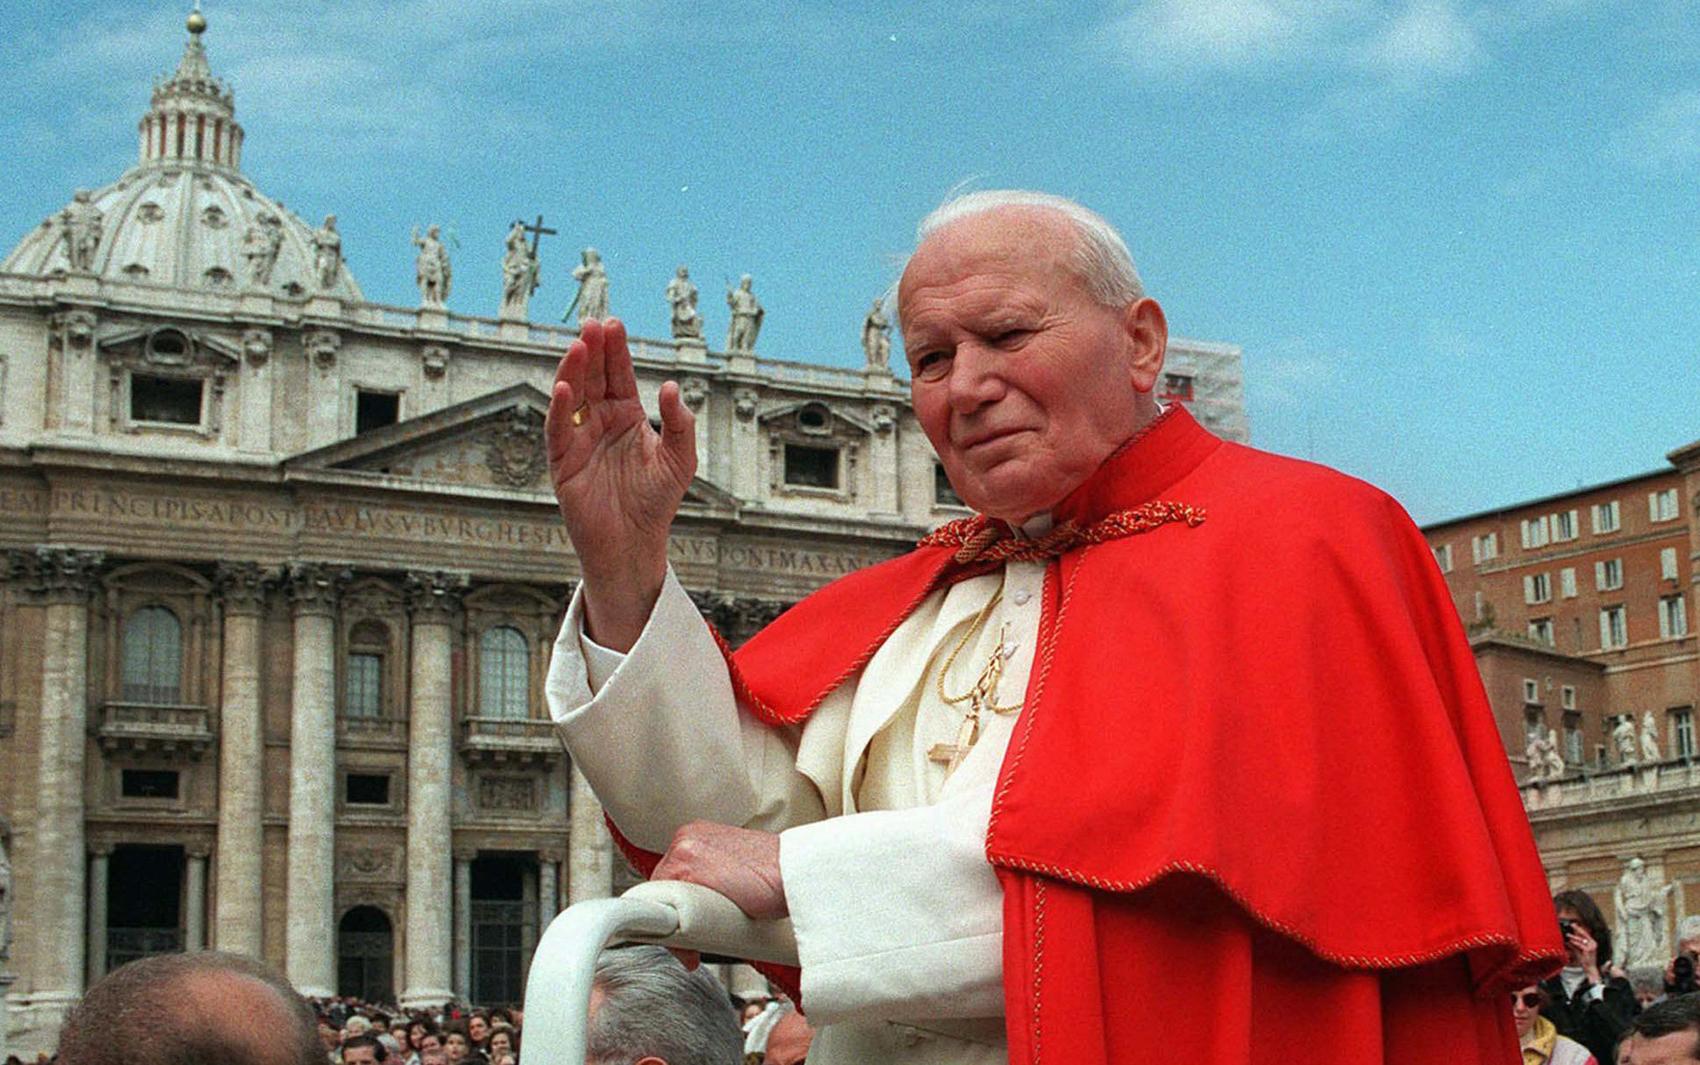 Em 23 de abril de 1997, o Papa João Paulo II acena aos fiéis na Praça de São Pedro, no Vaticano